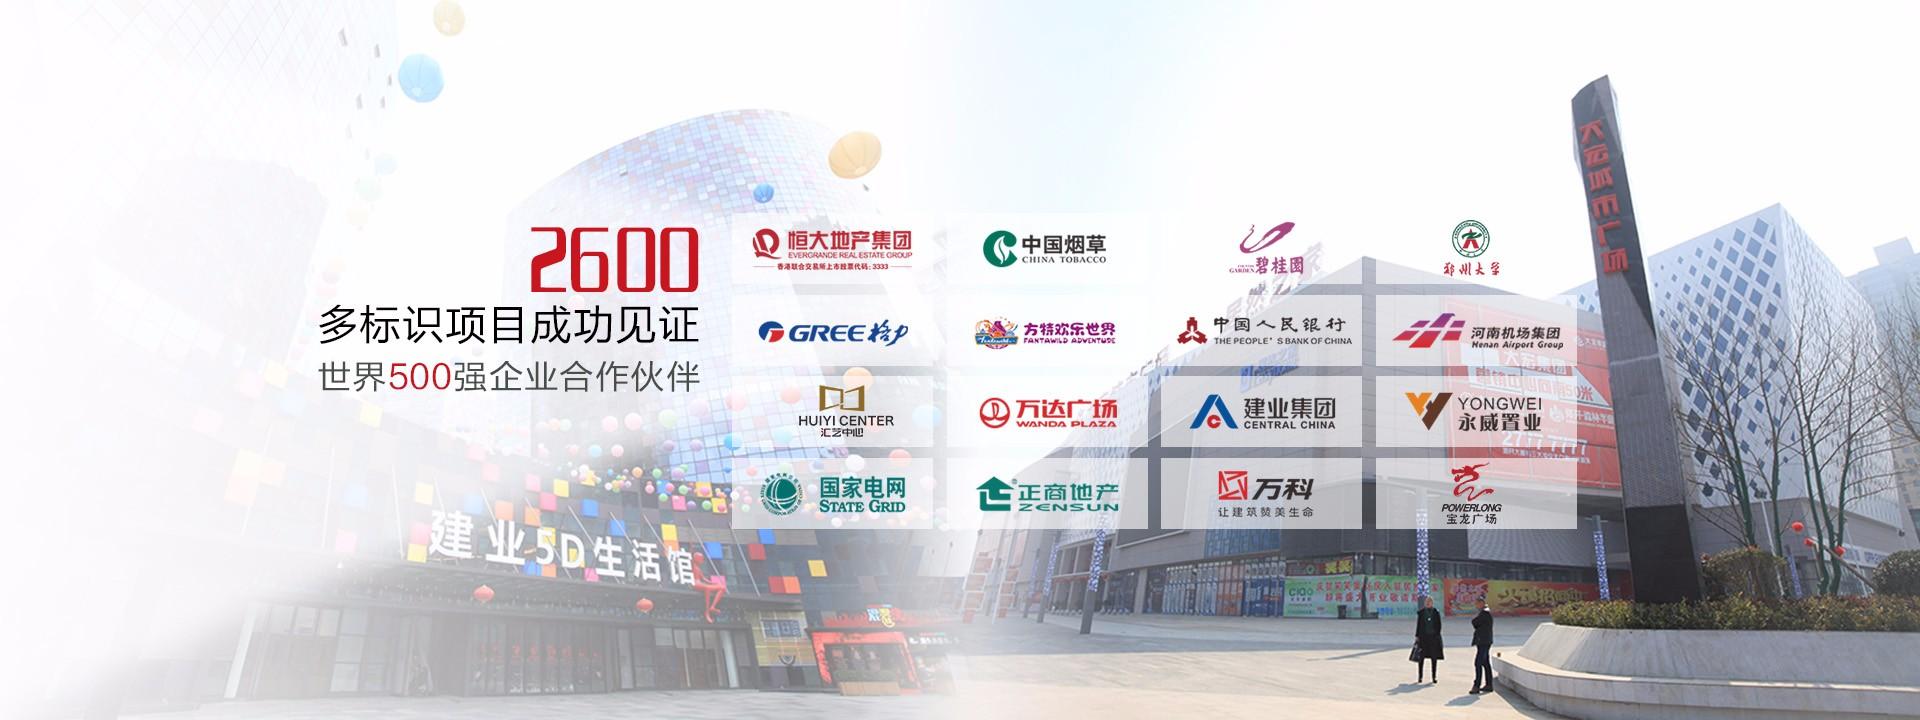 累计服务2800多标识标牌工程项目.